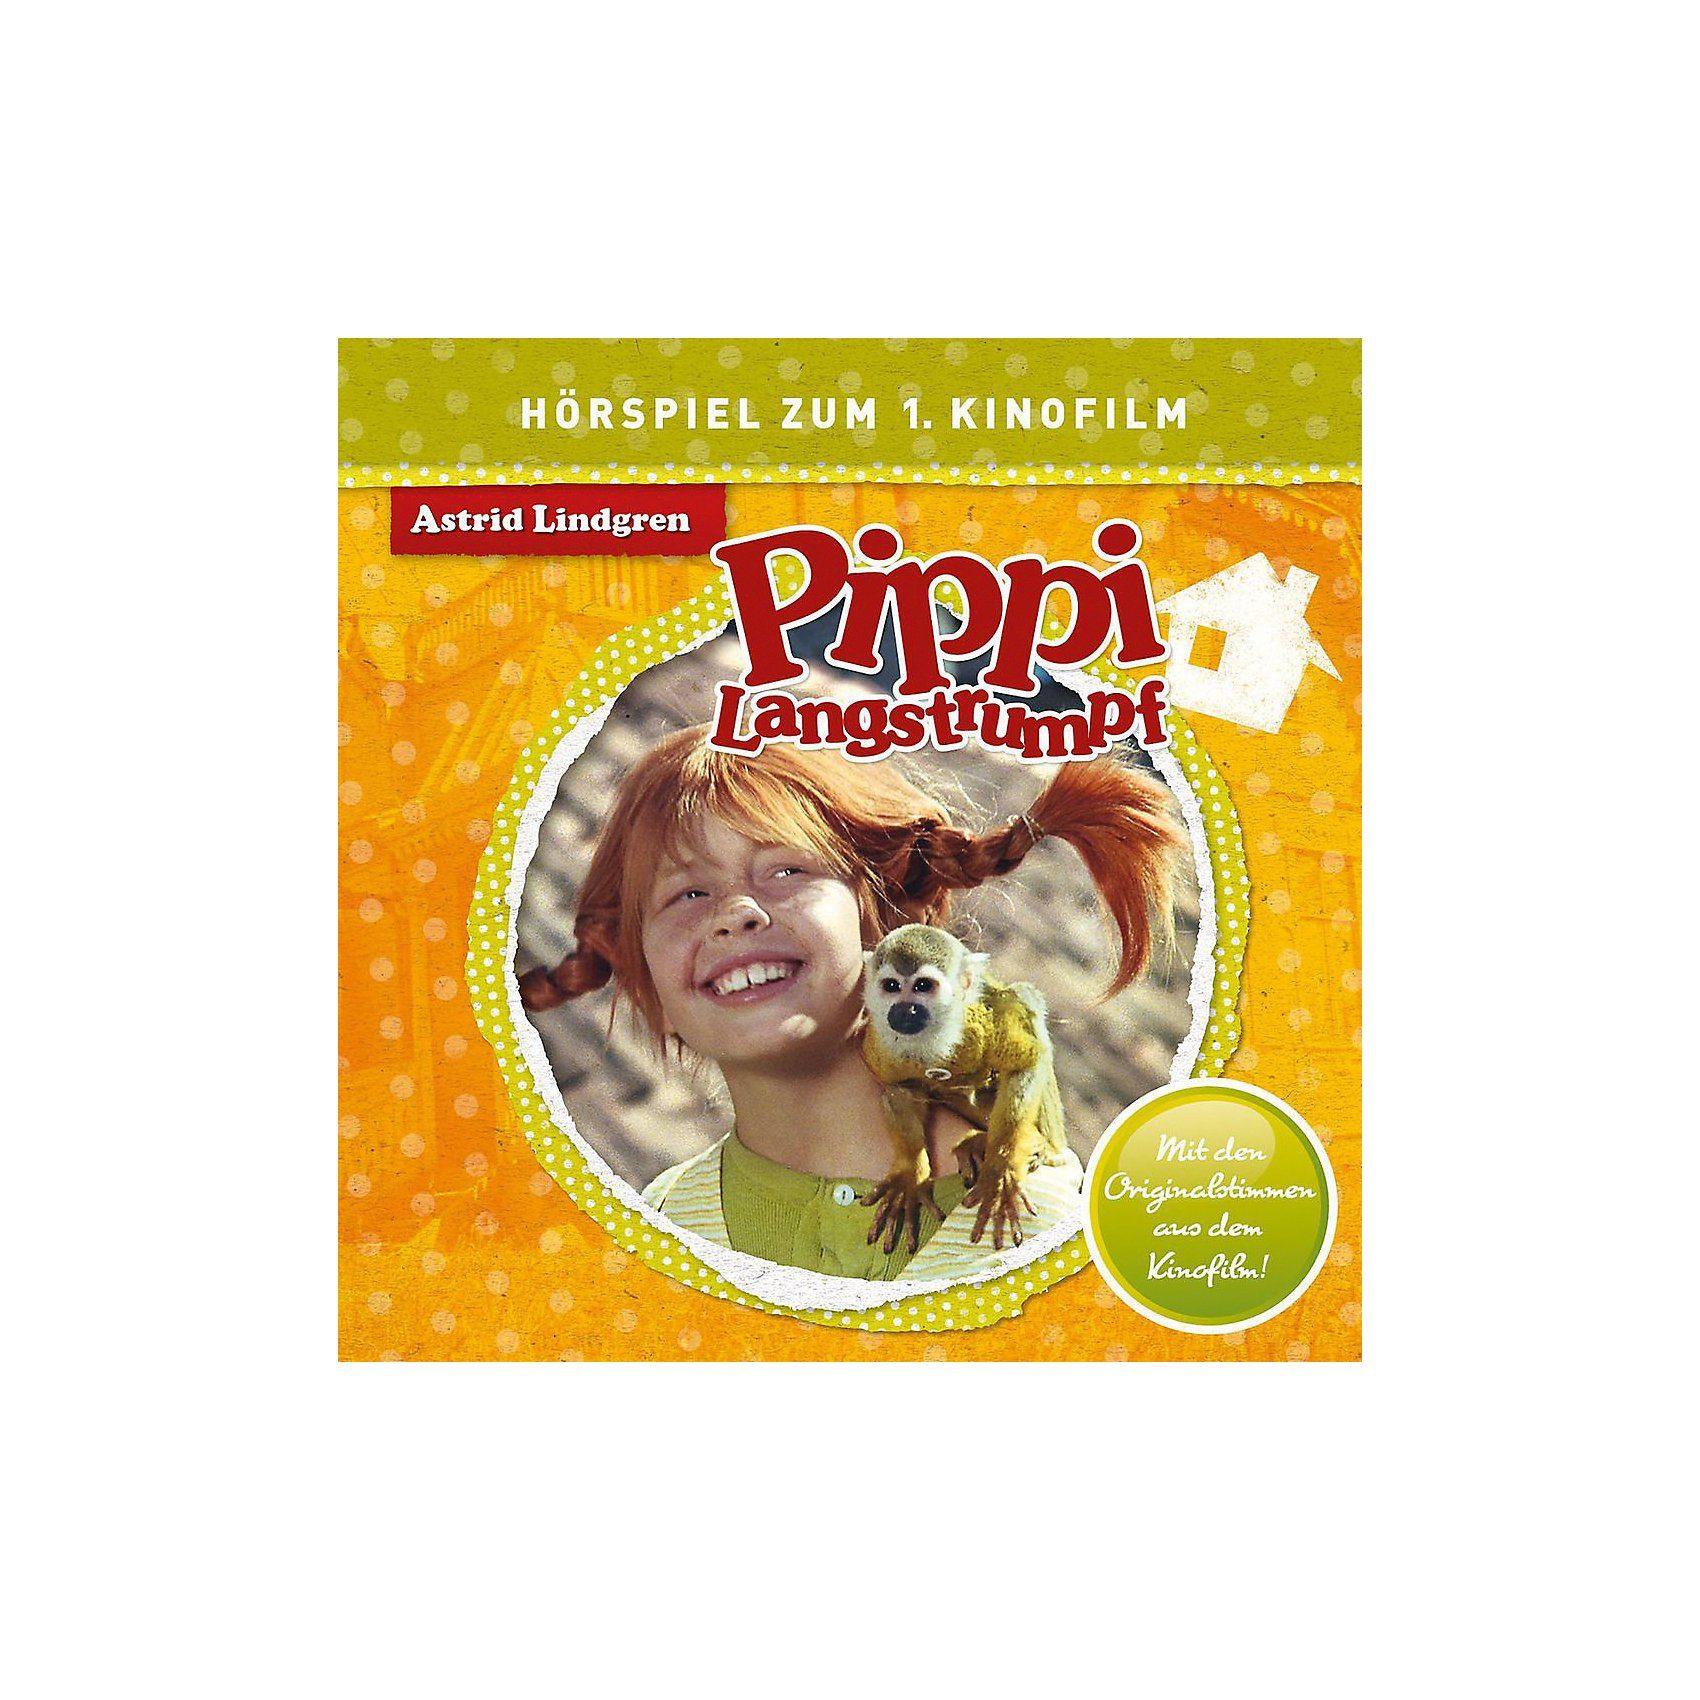 Universal CD Pippi Langstrumpf - Pippi Langstrumpf (Hörspiel zum Film)